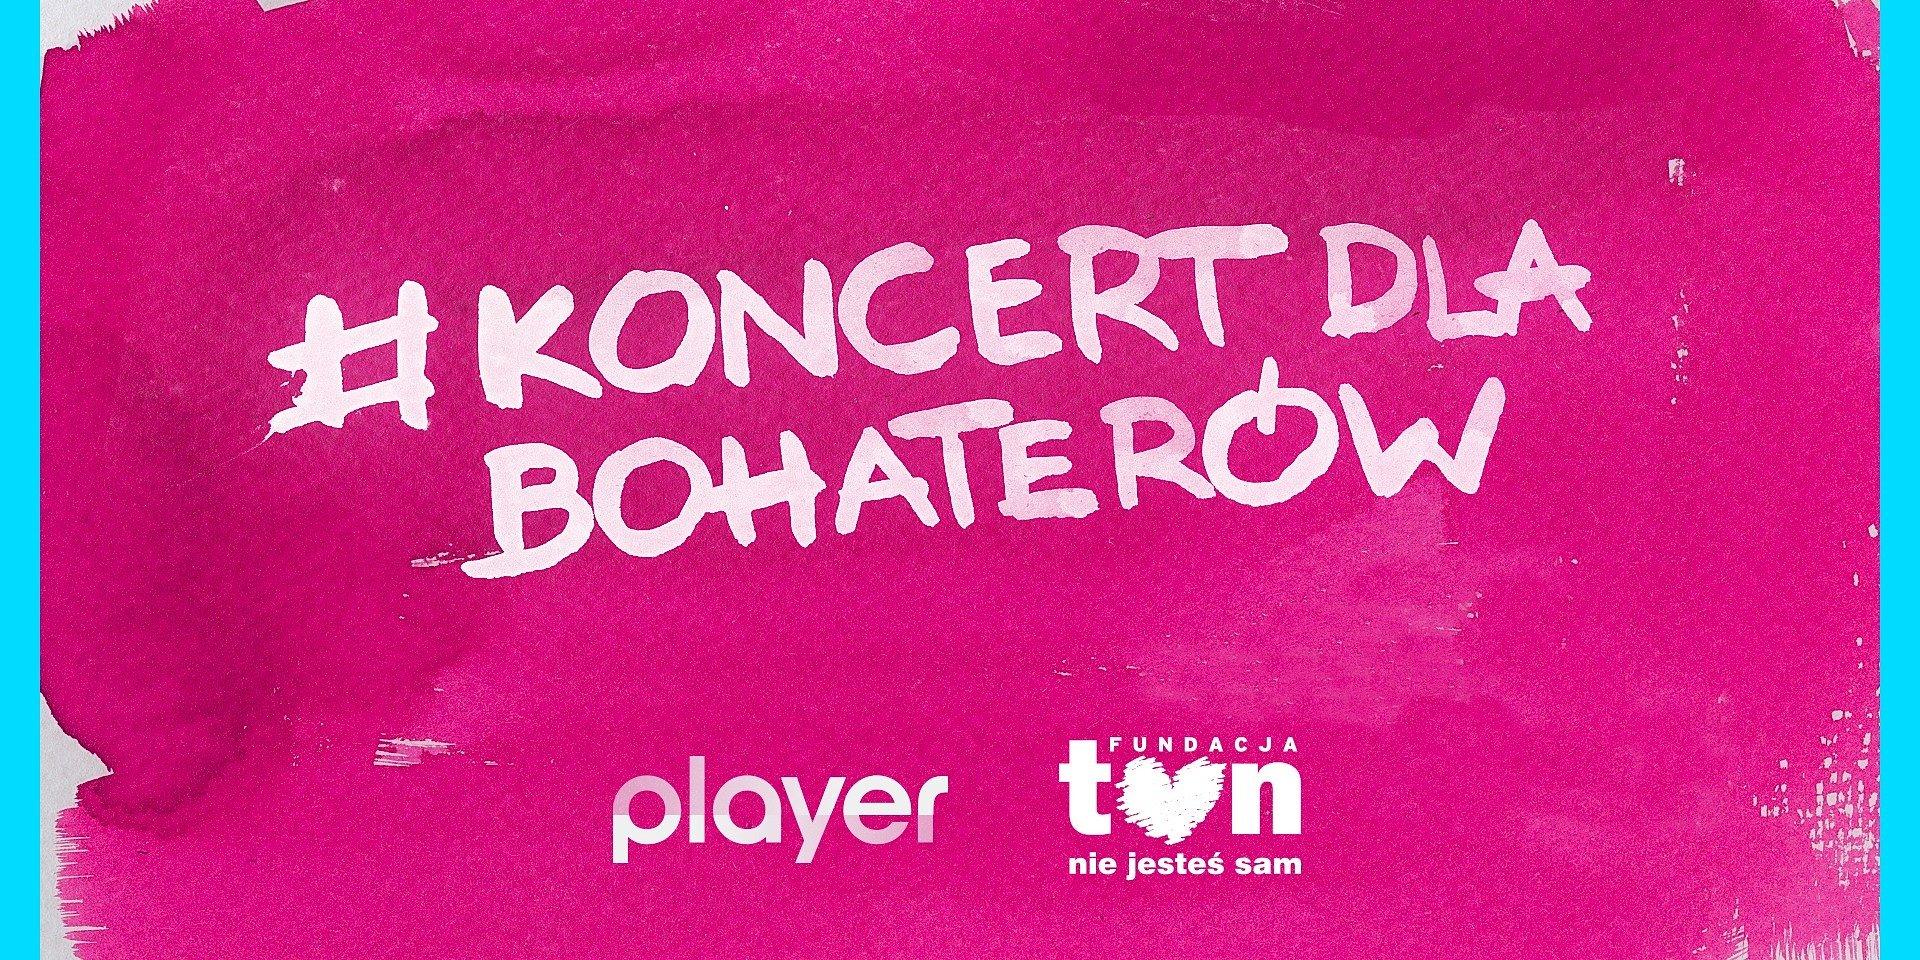 #Koncertdlabohaterów: 4,2 mln złotych na pomoc w walce z koronawirusem – a to jeszcze nie koniec!